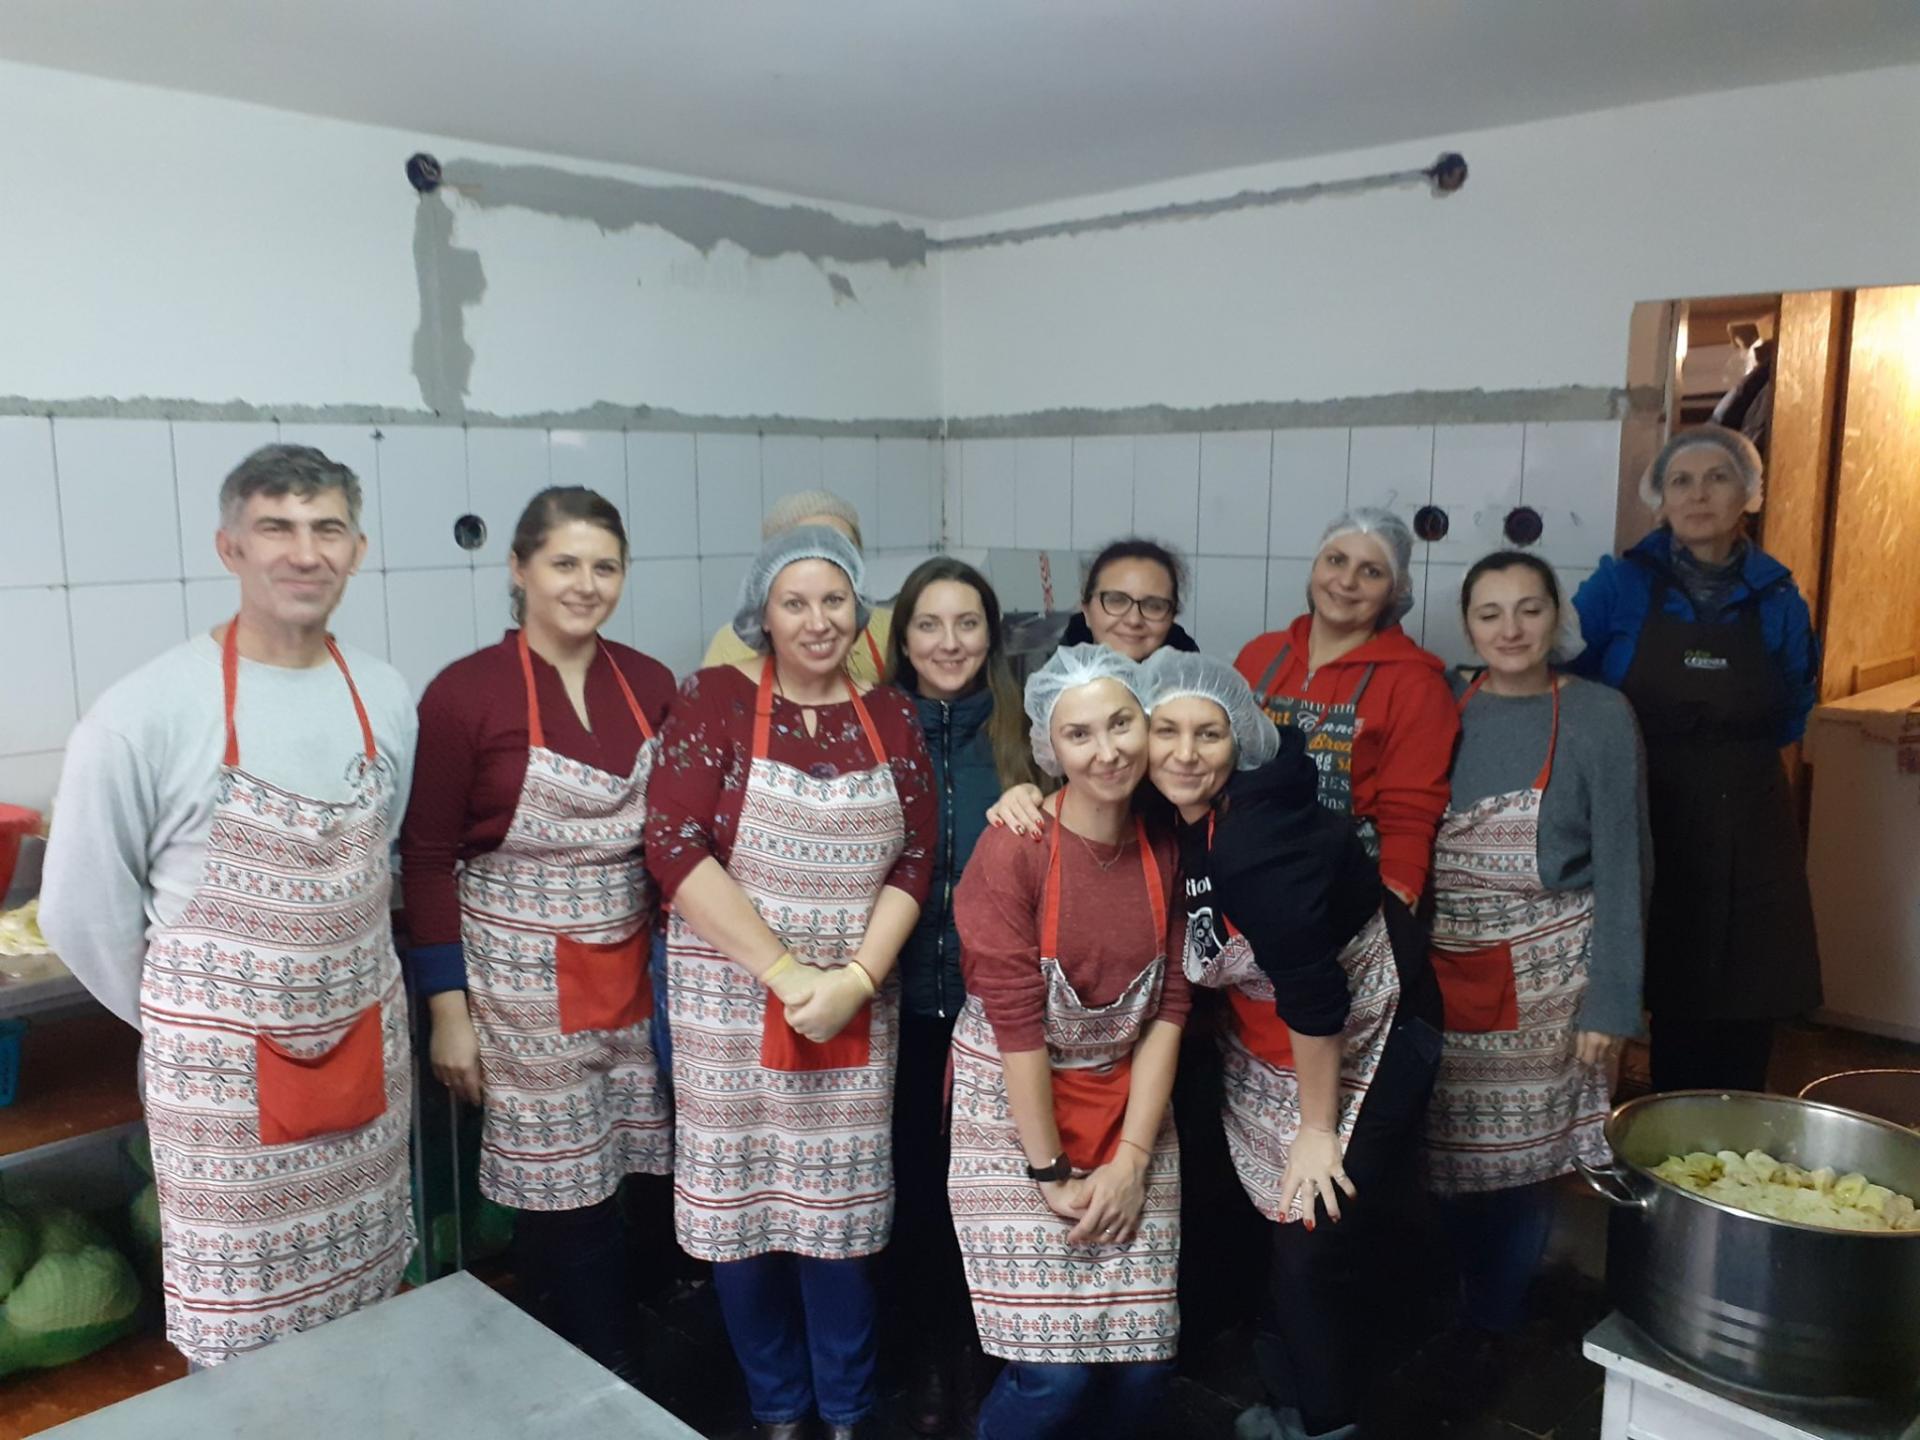 Masa saracilor Cluj-Napoca si Floresti - 19 decembrie 2019